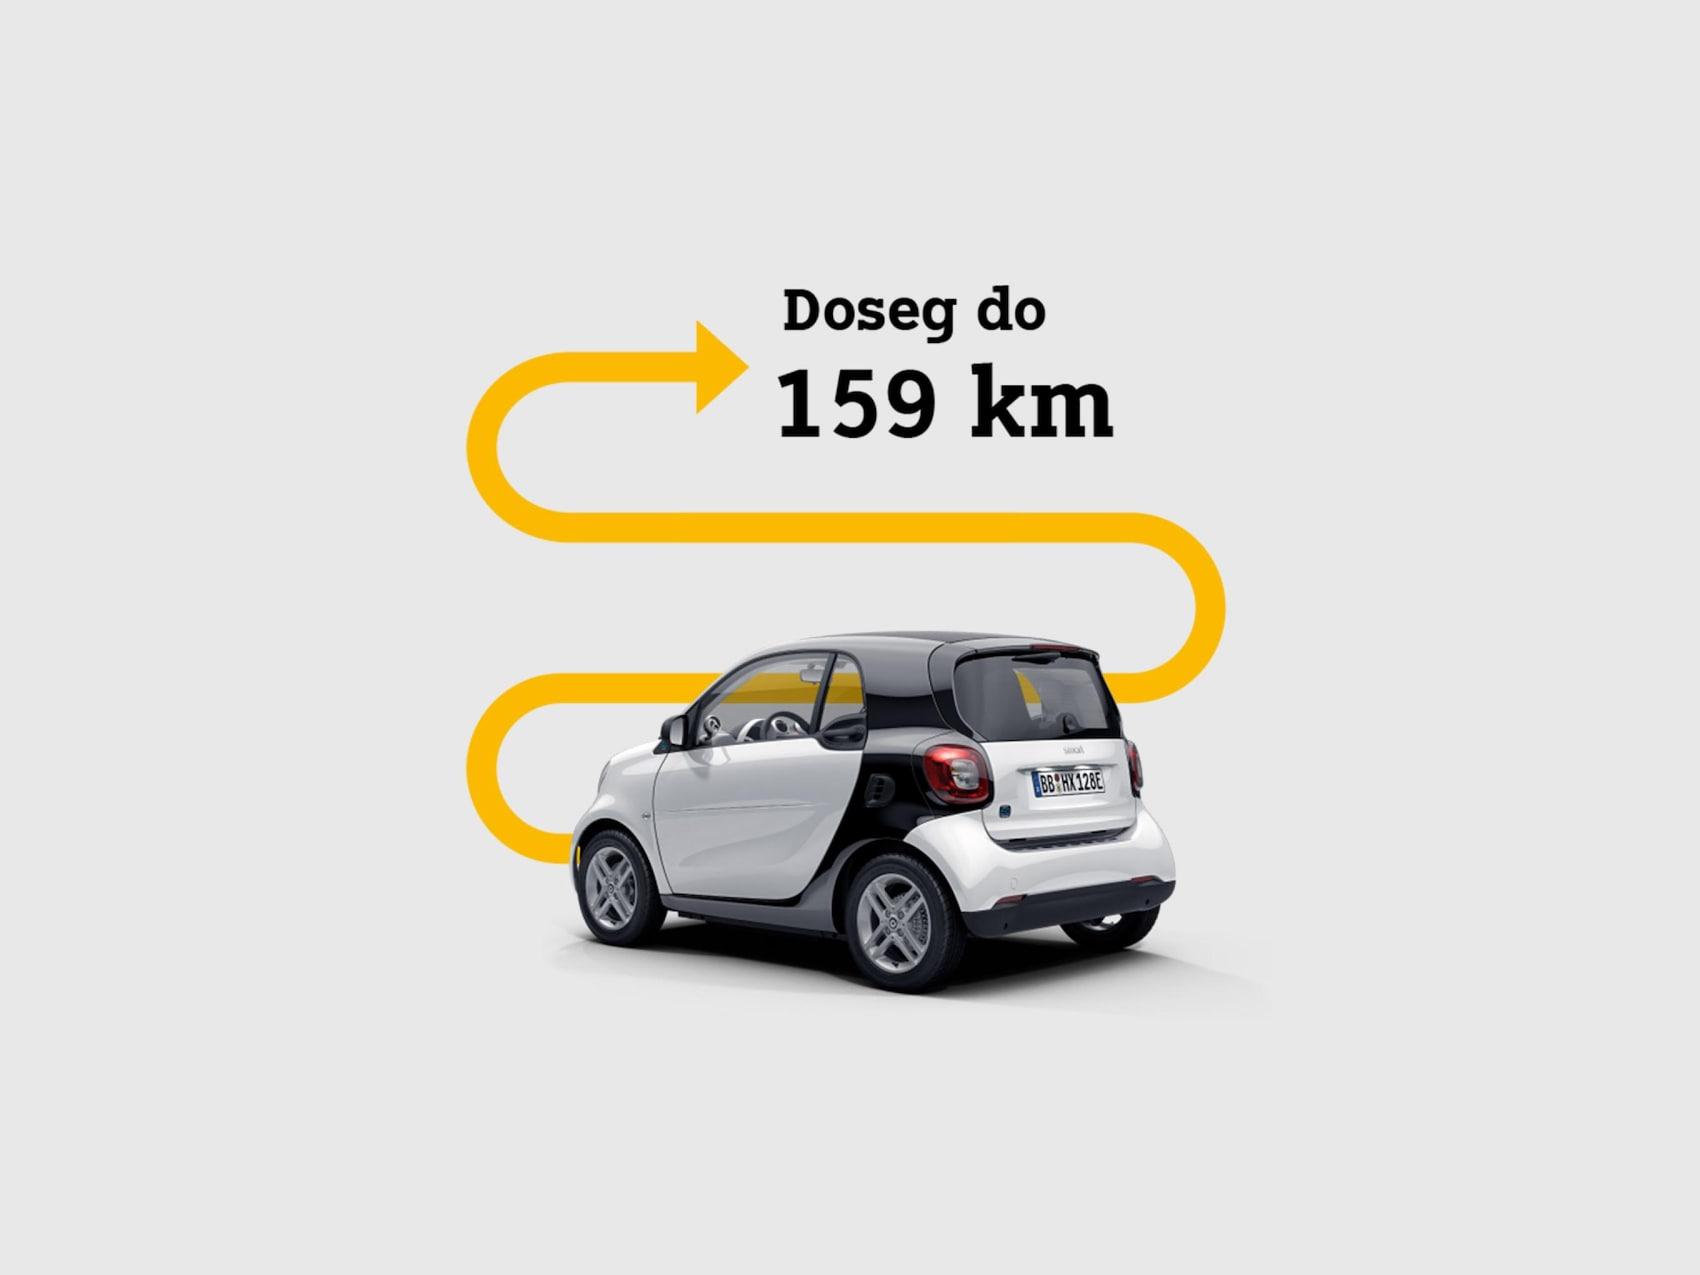 modeli-doseg-159-km-coupe-SLV